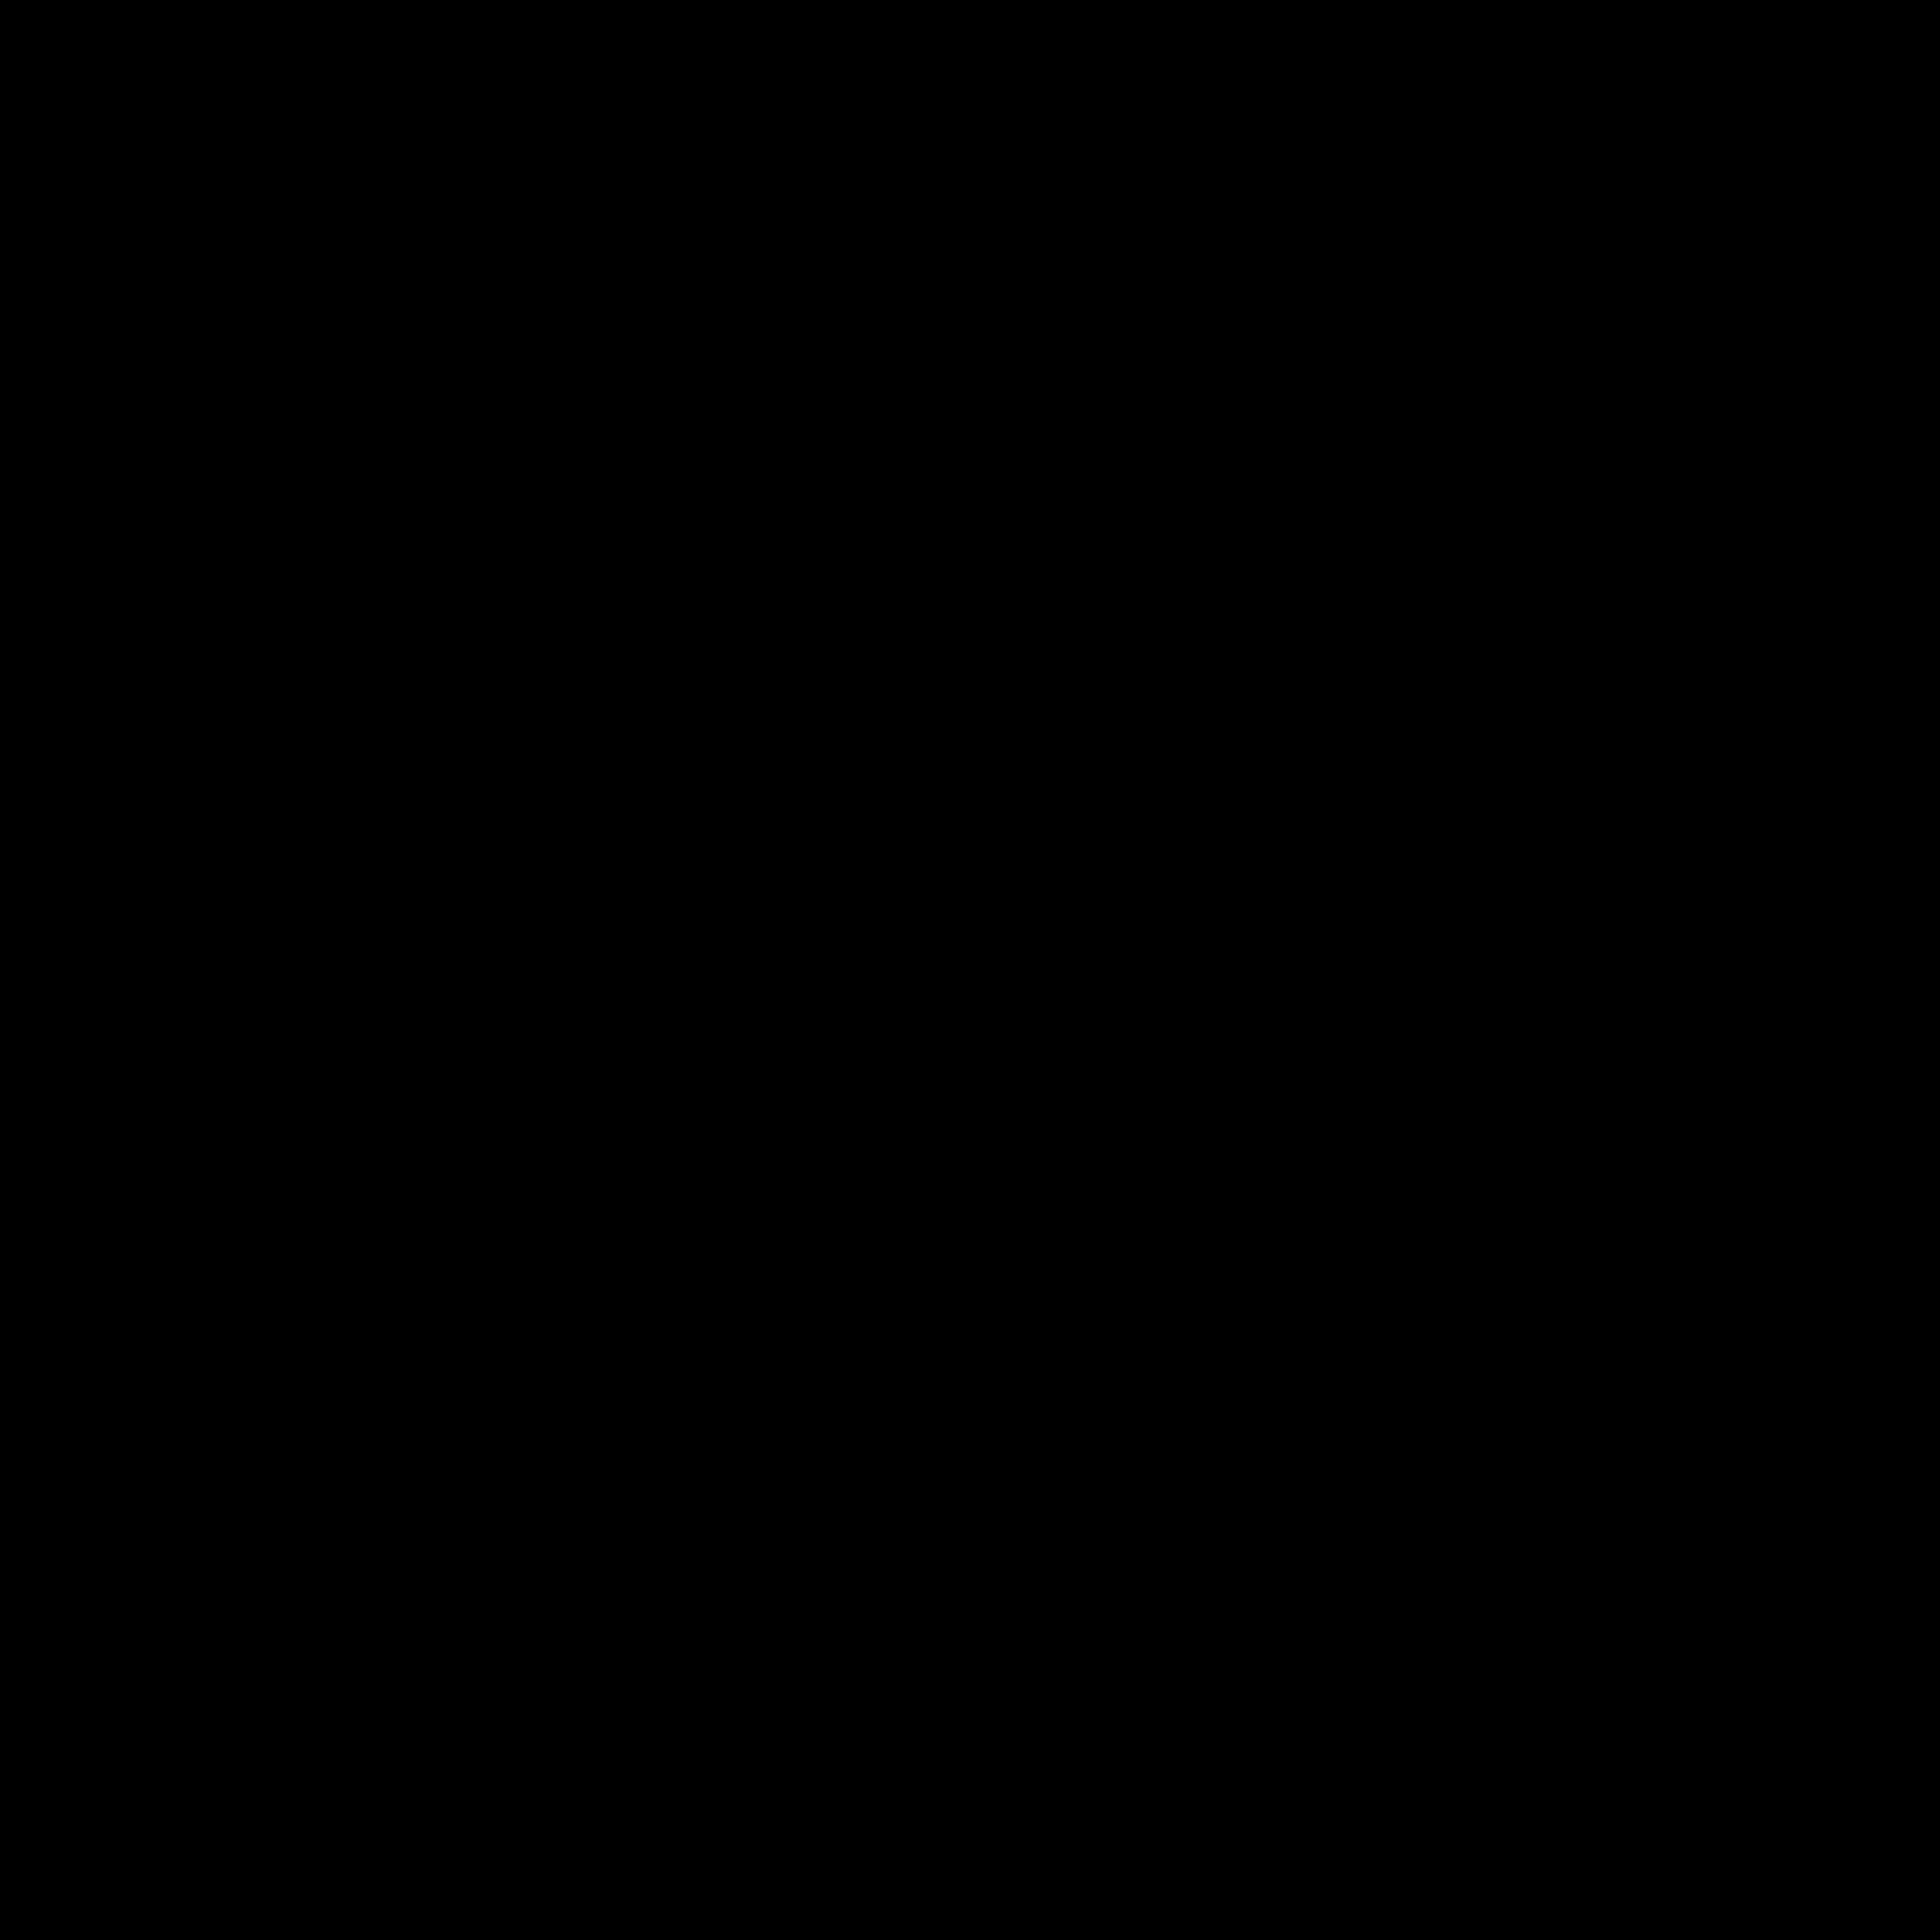 wise up logo 0 - Wise Up Logo